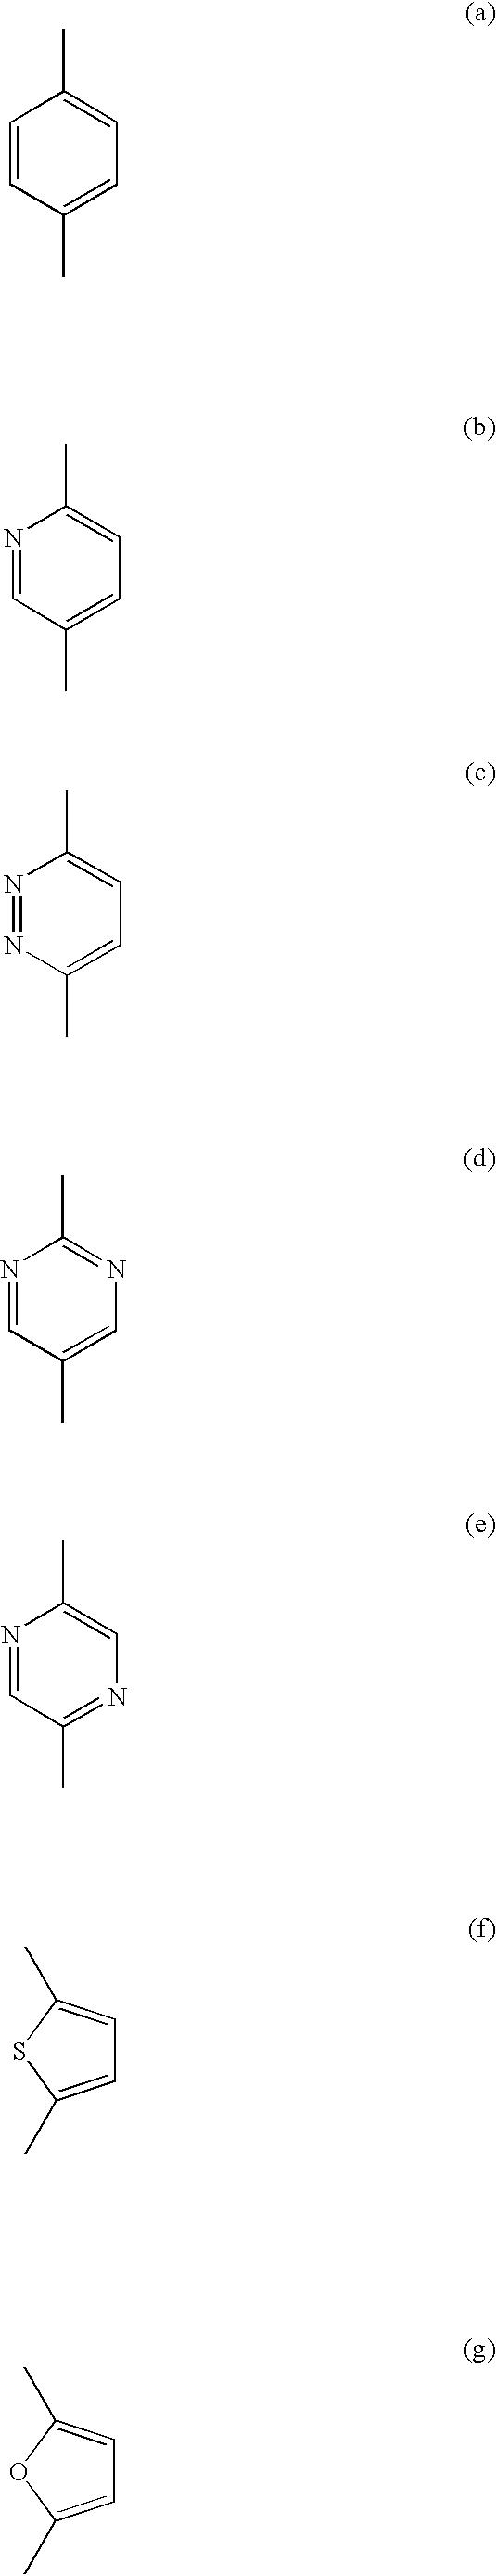 Figure US06759147-20040706-C00003